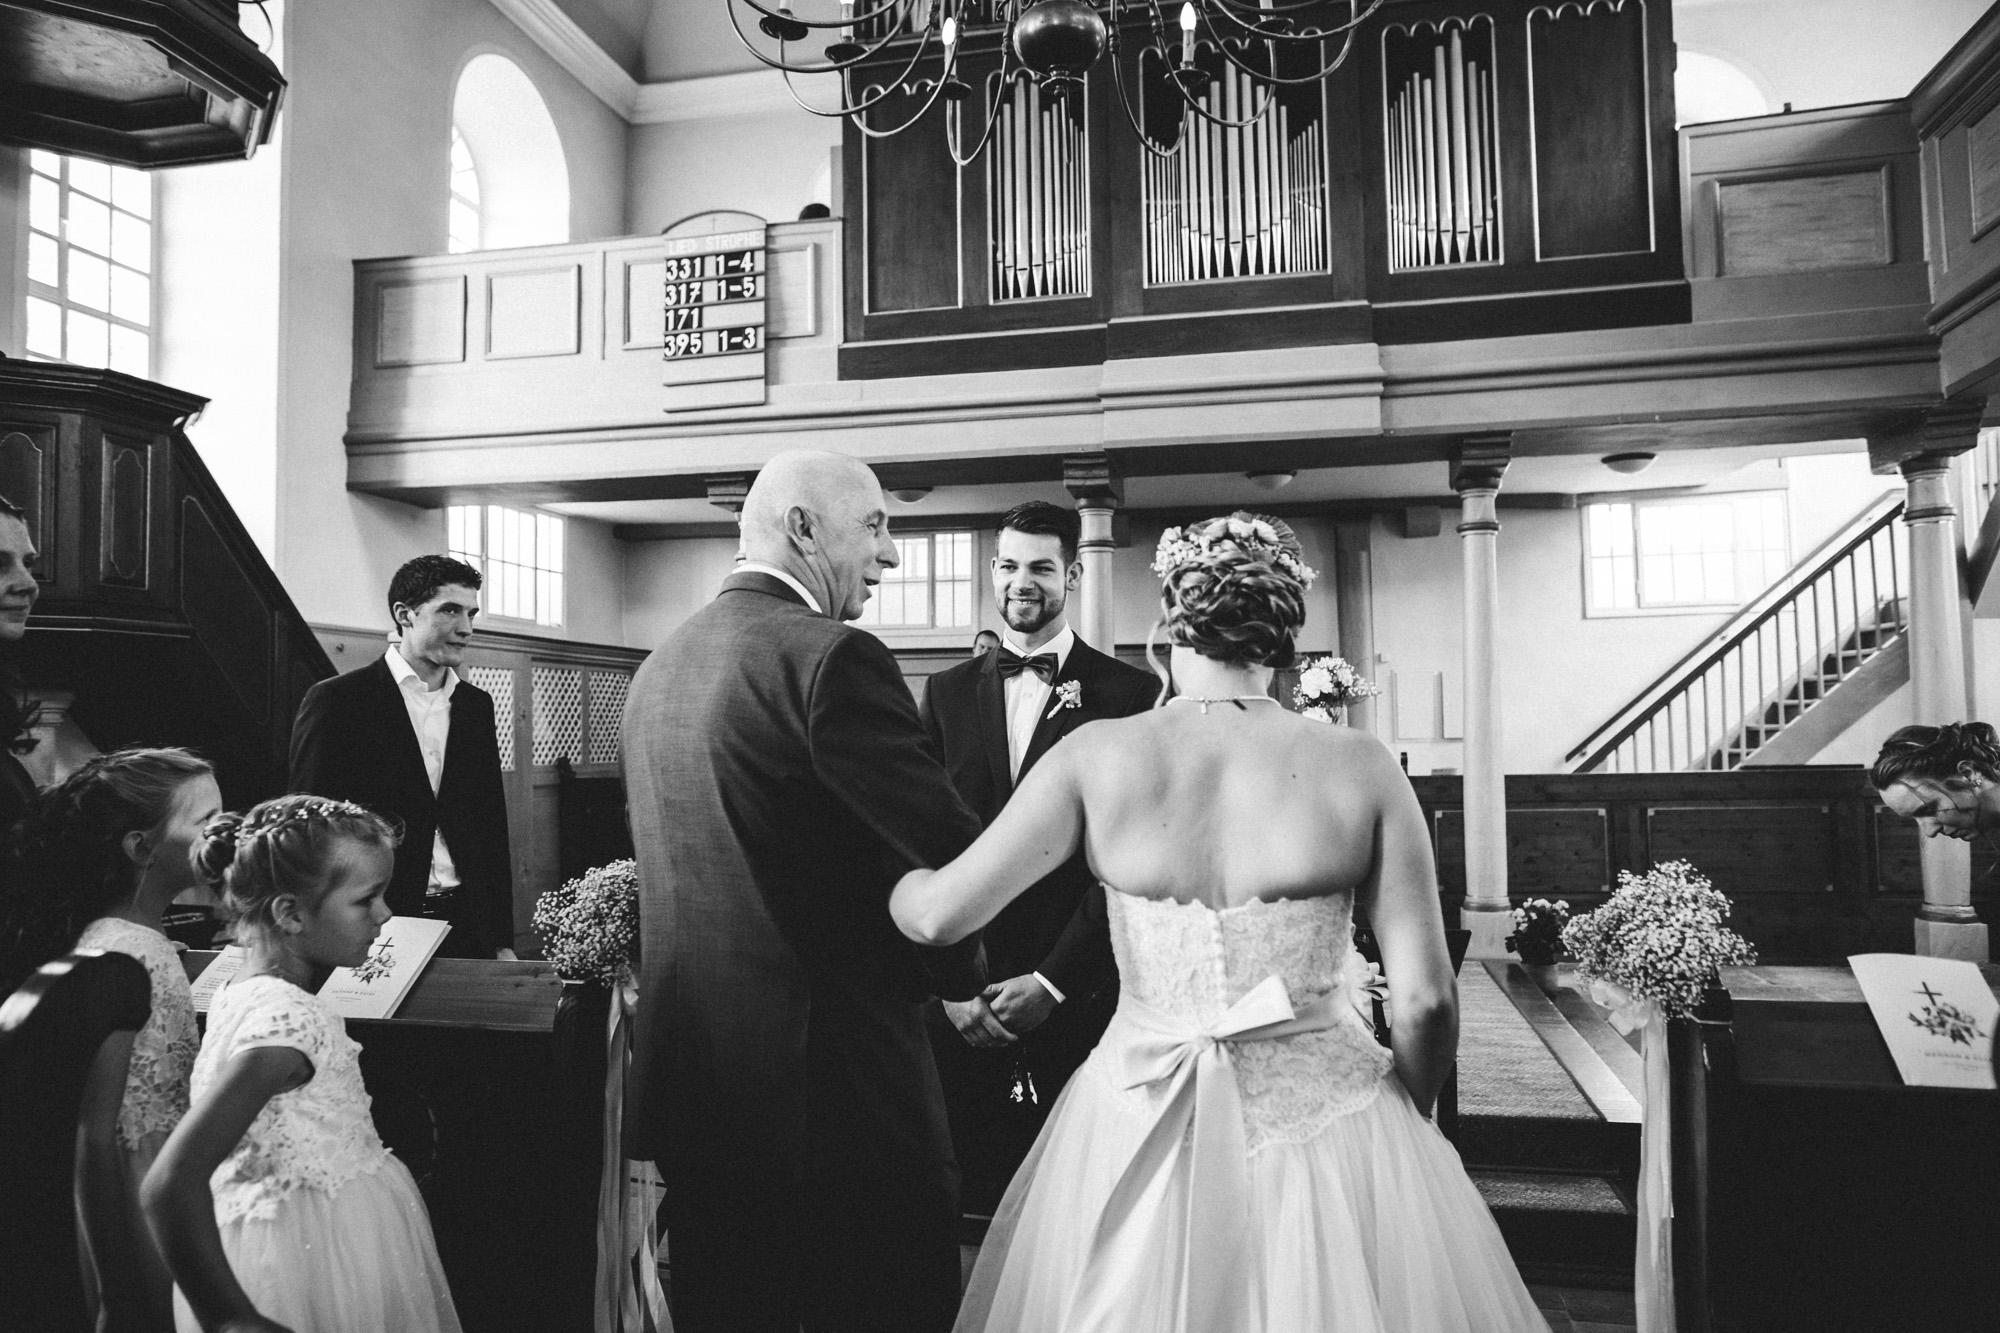 hannah und elias 016 - Schwarz-Weiß Hochzeit